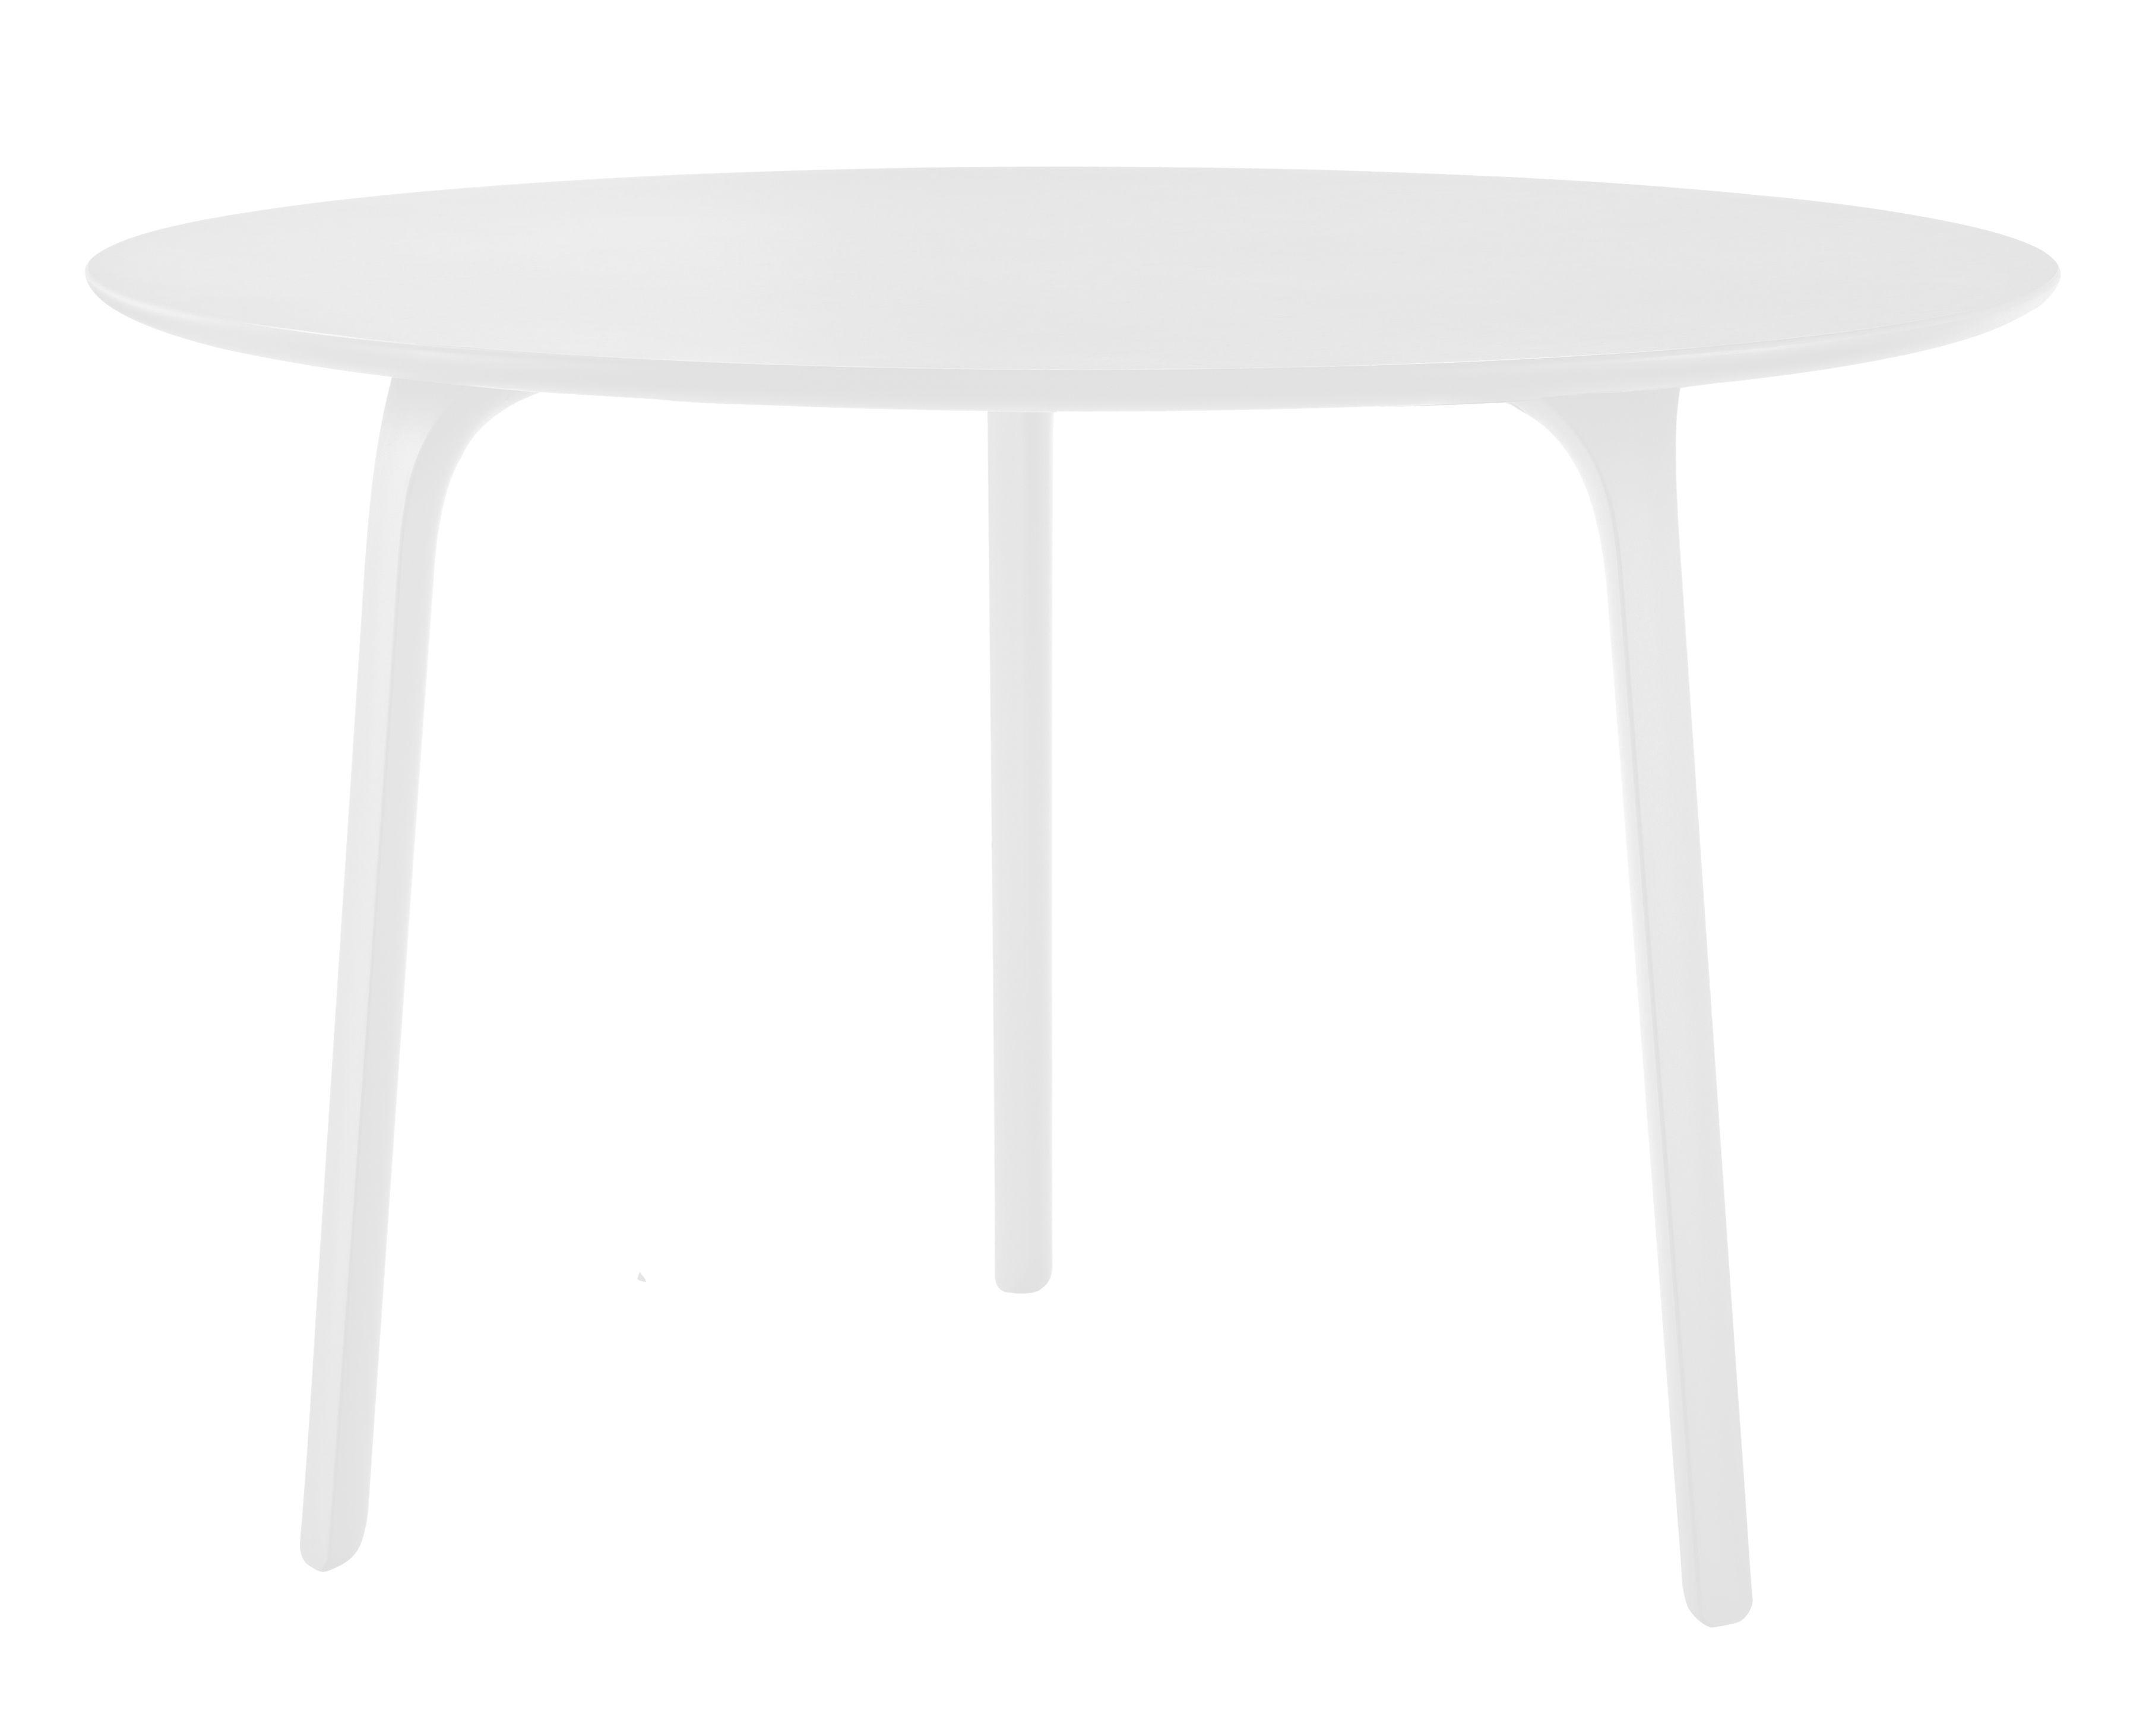 Mobilier - Tables - Table ronde First / Ø 120 - Pour l'intérieur - Magis - Pieds blancs/ plateau blanc - Polyamide